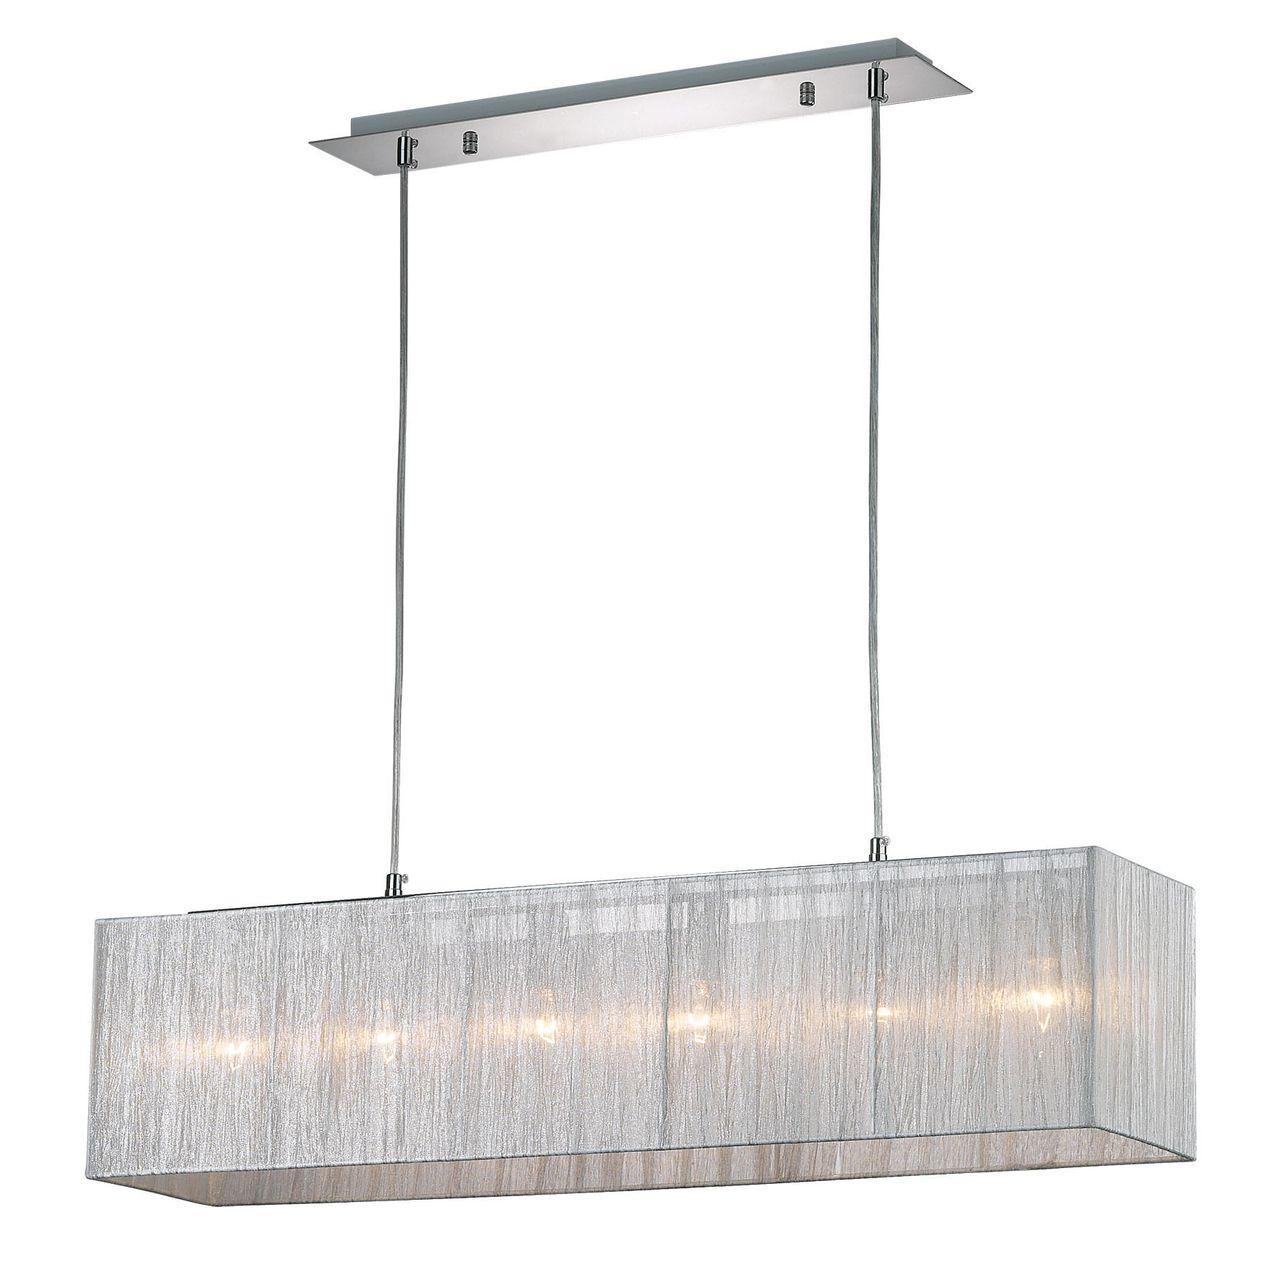 Купить Подвесной светильник Ideal Lux Missouri SB в интернет магазине дизайнерской мебели и аксессуаров для дома и дачи